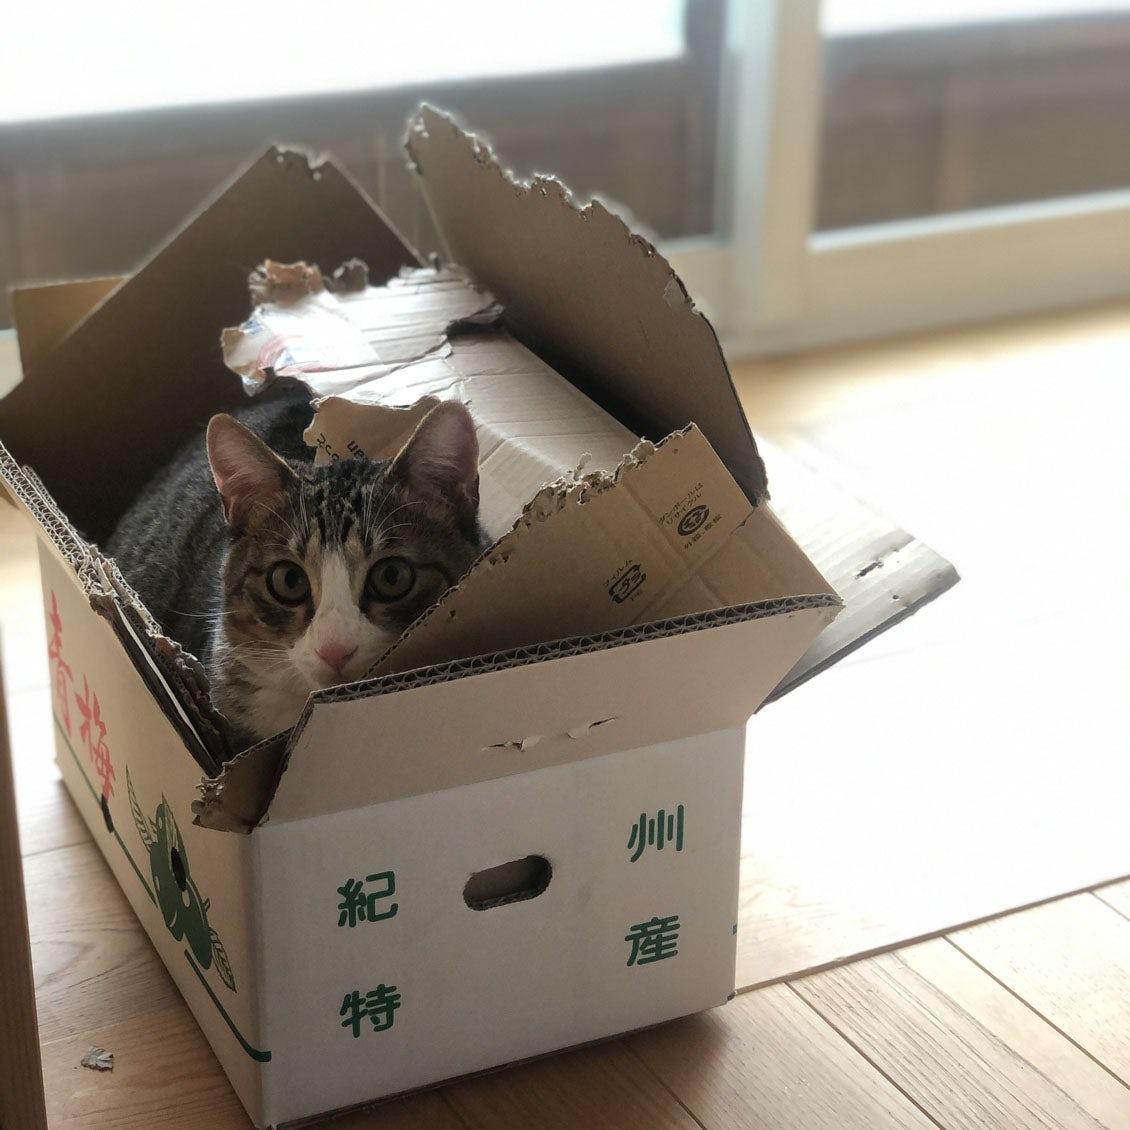 【うちのイヌ、うちのネコ】猫を叱っても、猫には通用しない? in-kyo店主・長谷川ちえさんがこの一年で再発見した暮らしとは